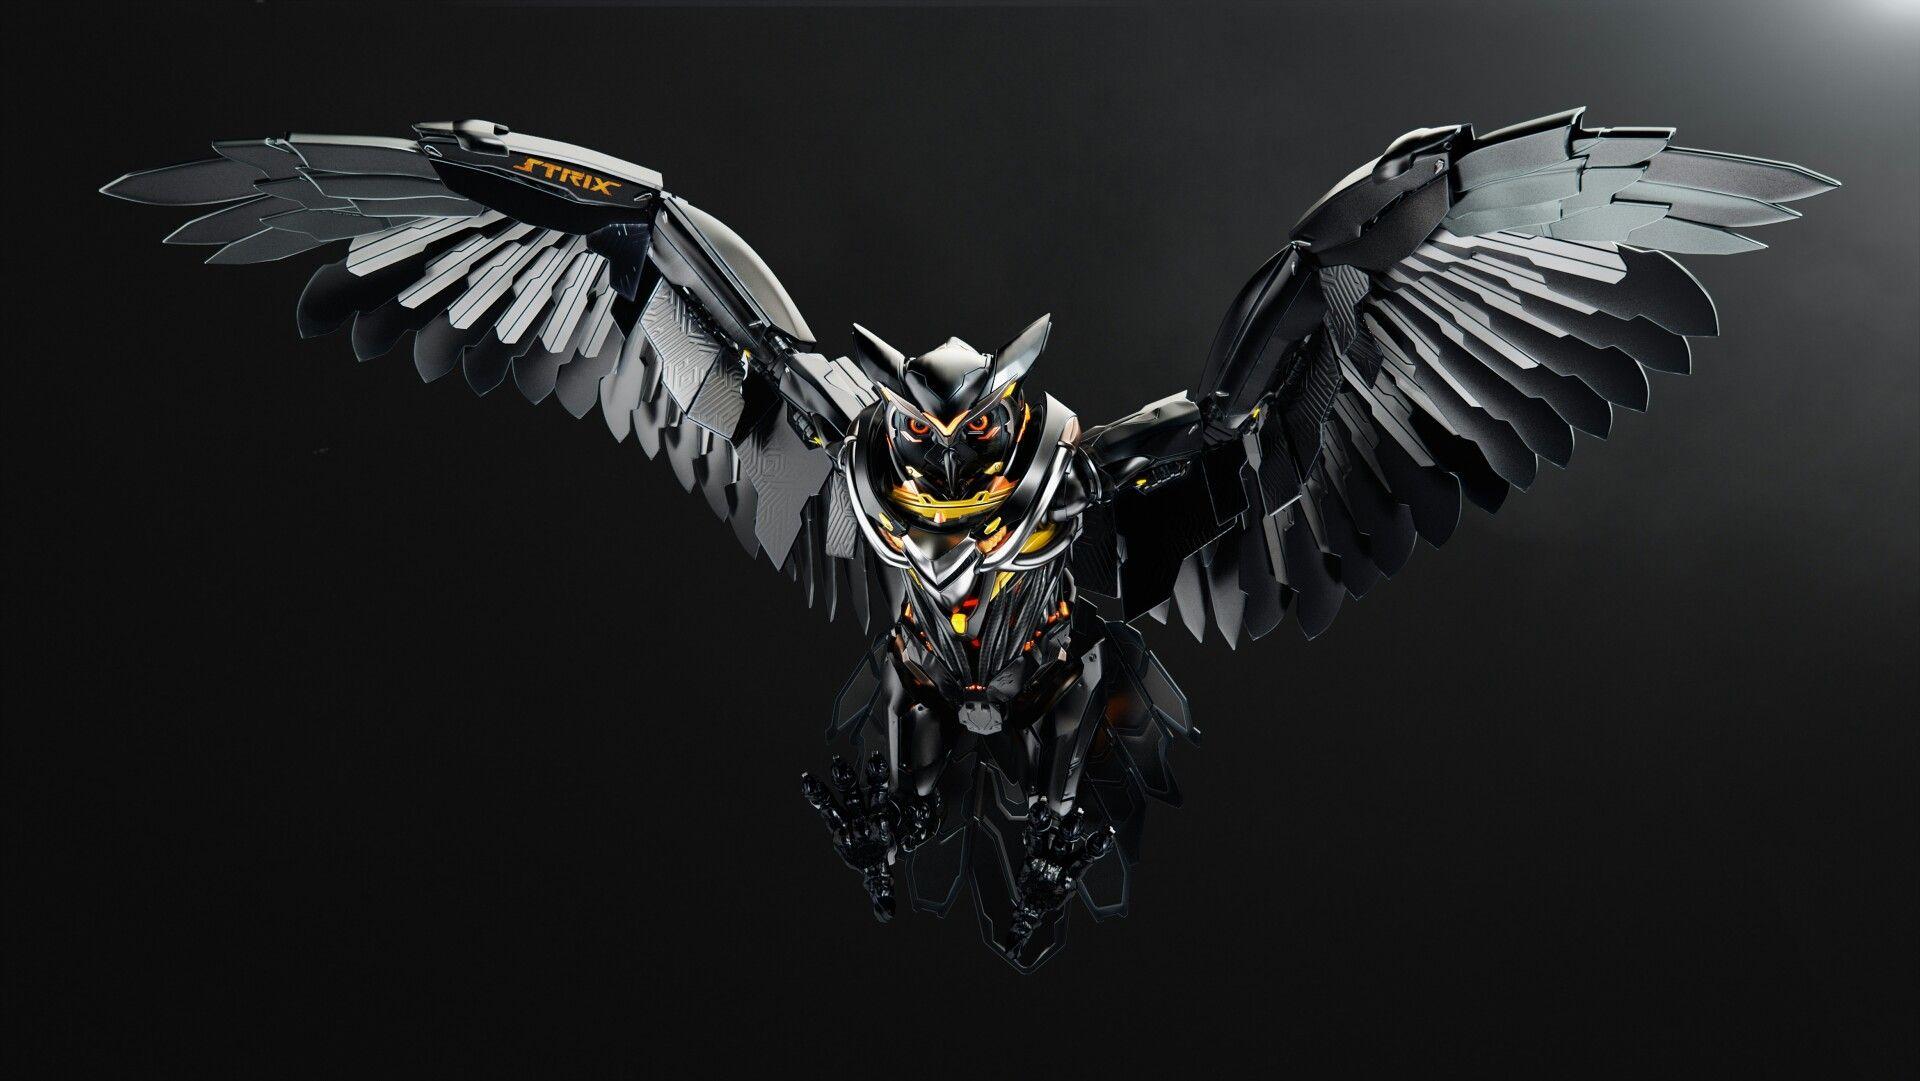 Hình nền chim 3D đẹp